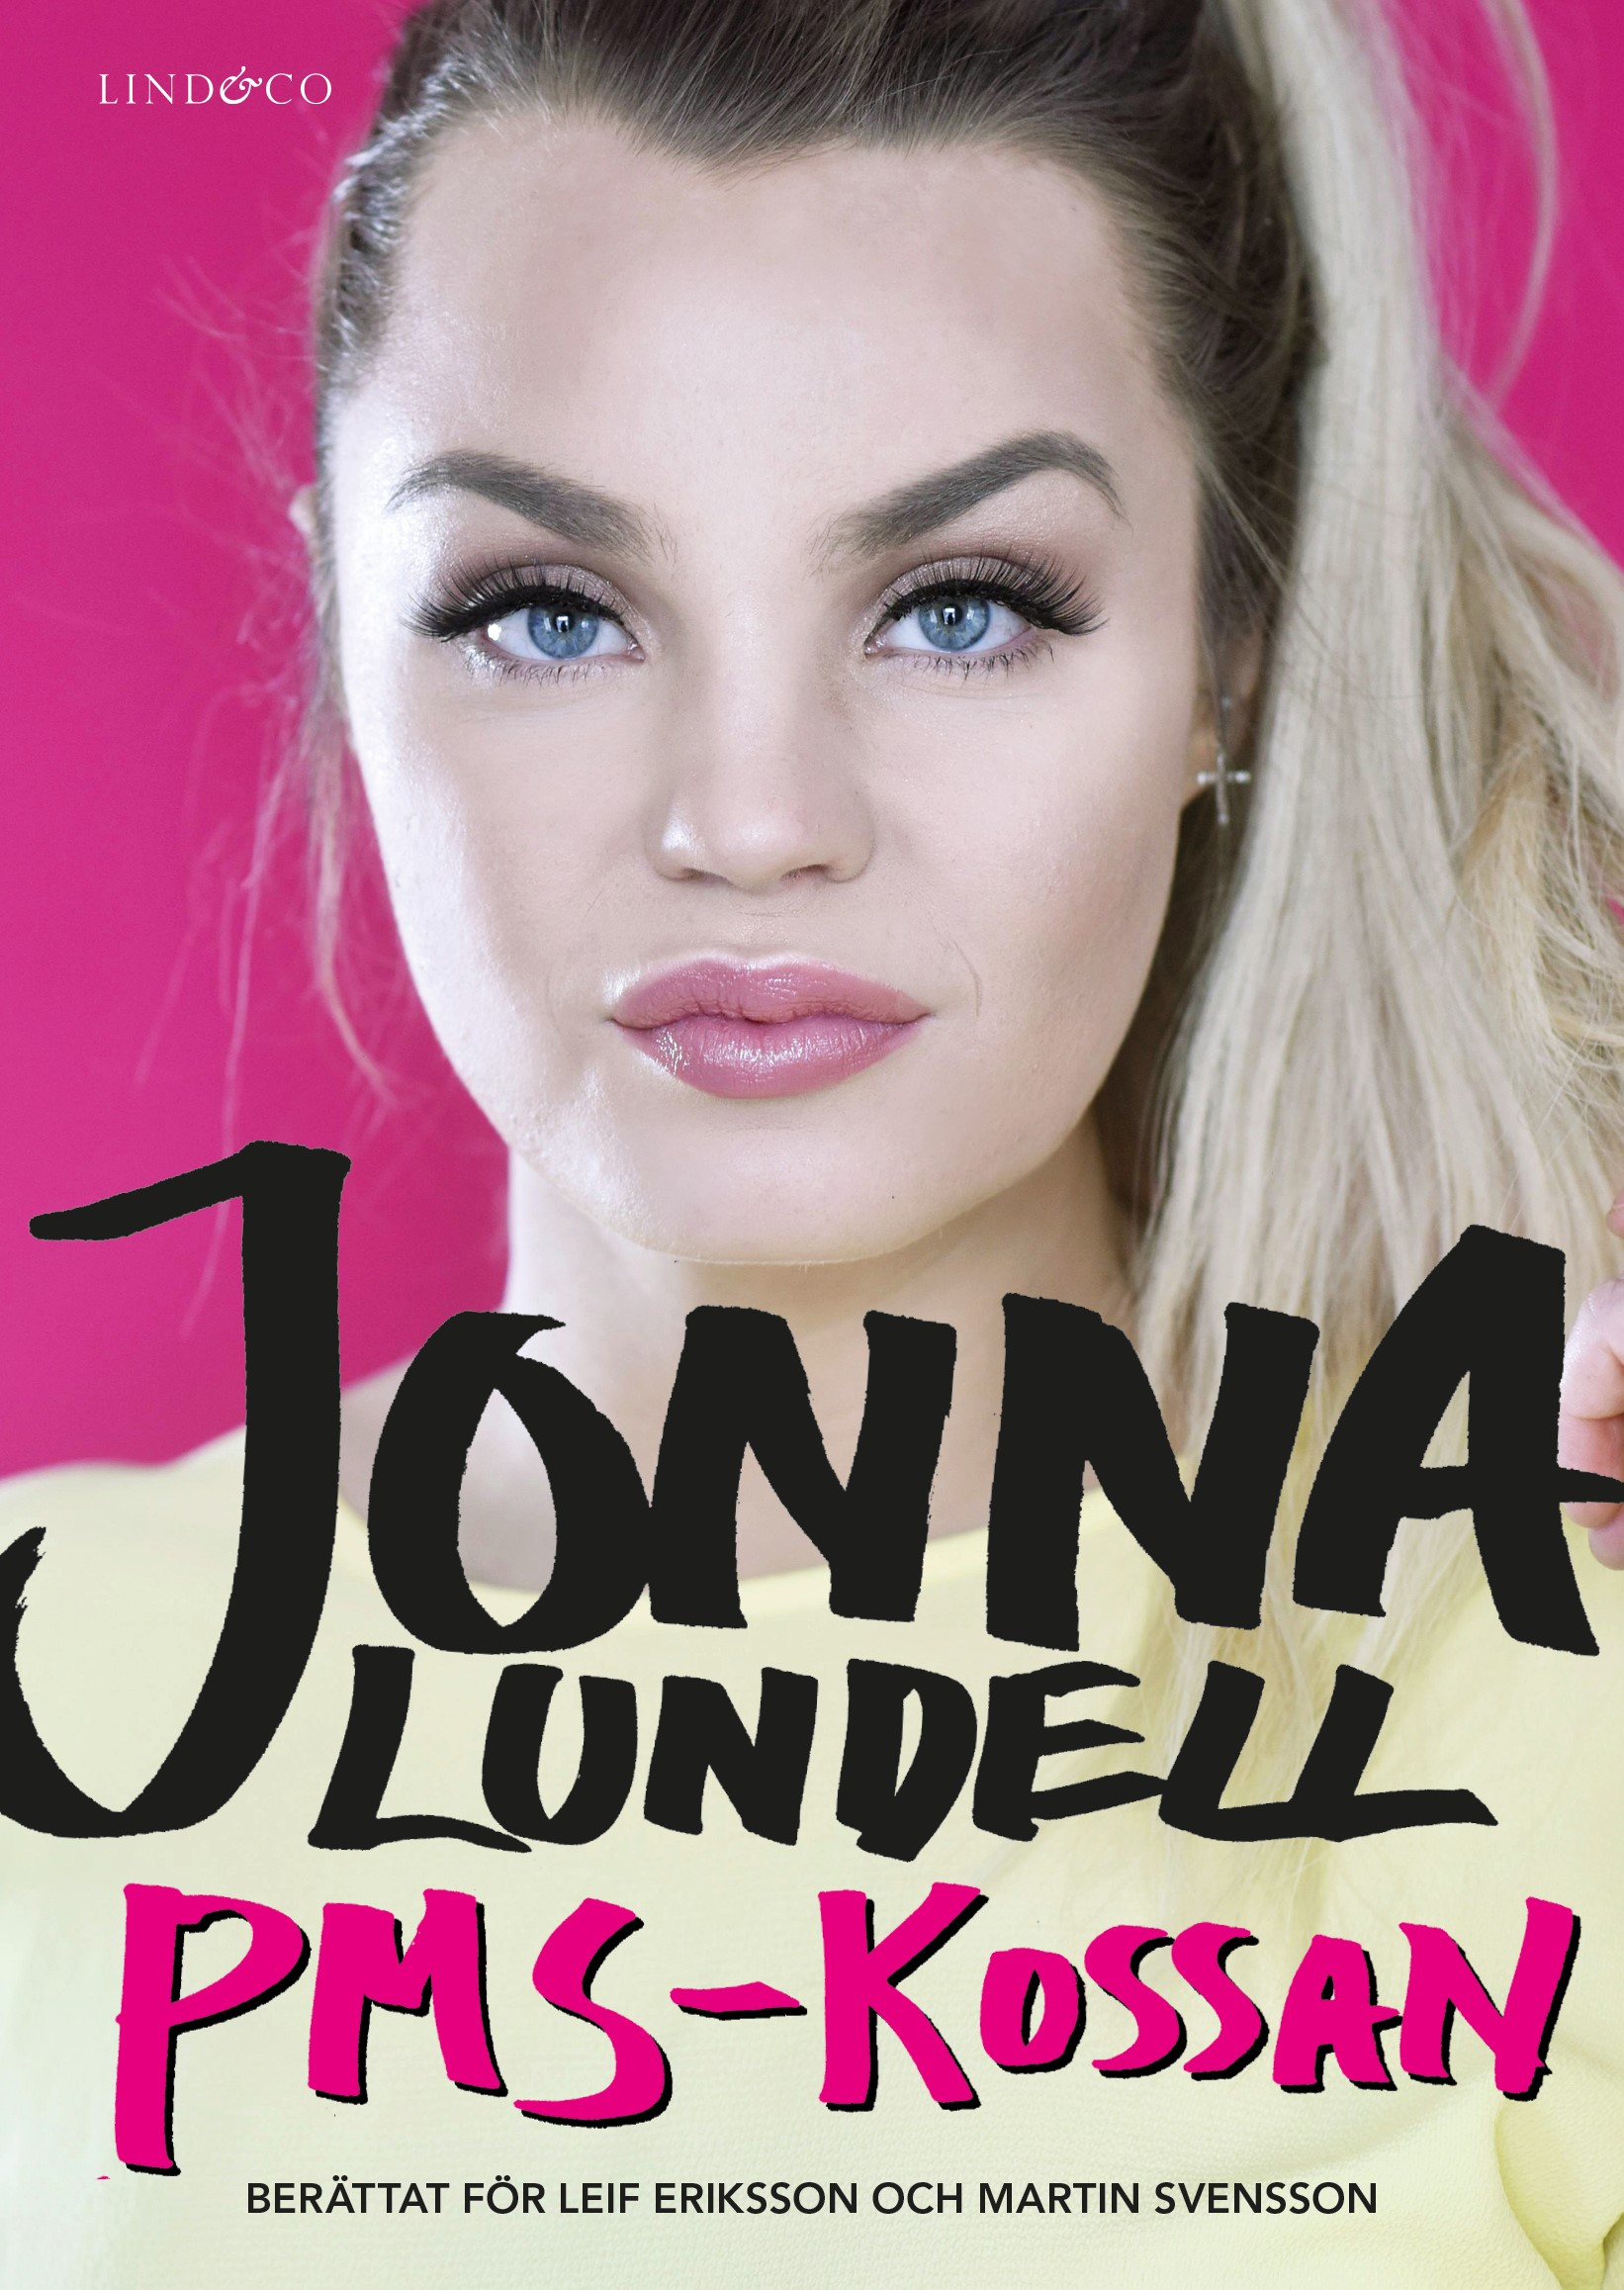 Jonna lundell model